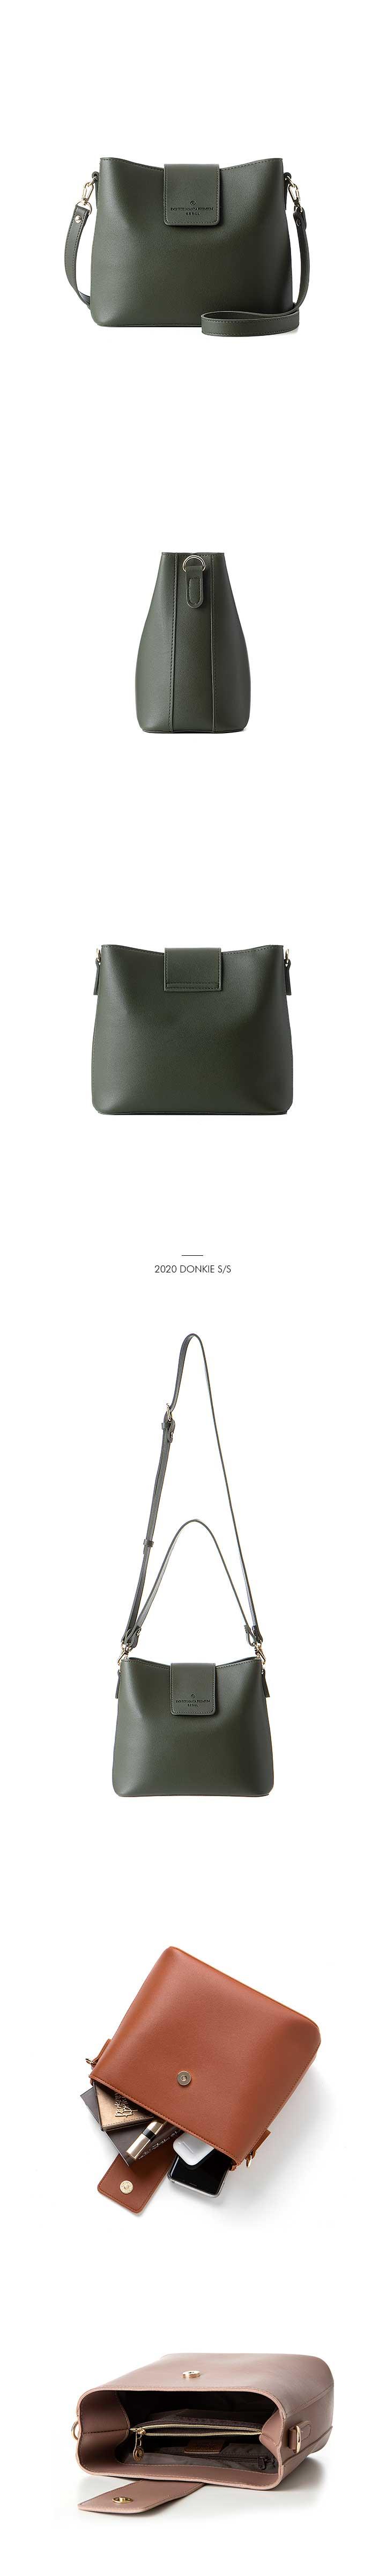 돈키(DONKIE) 파인애플 백 (카키) - D1026KH